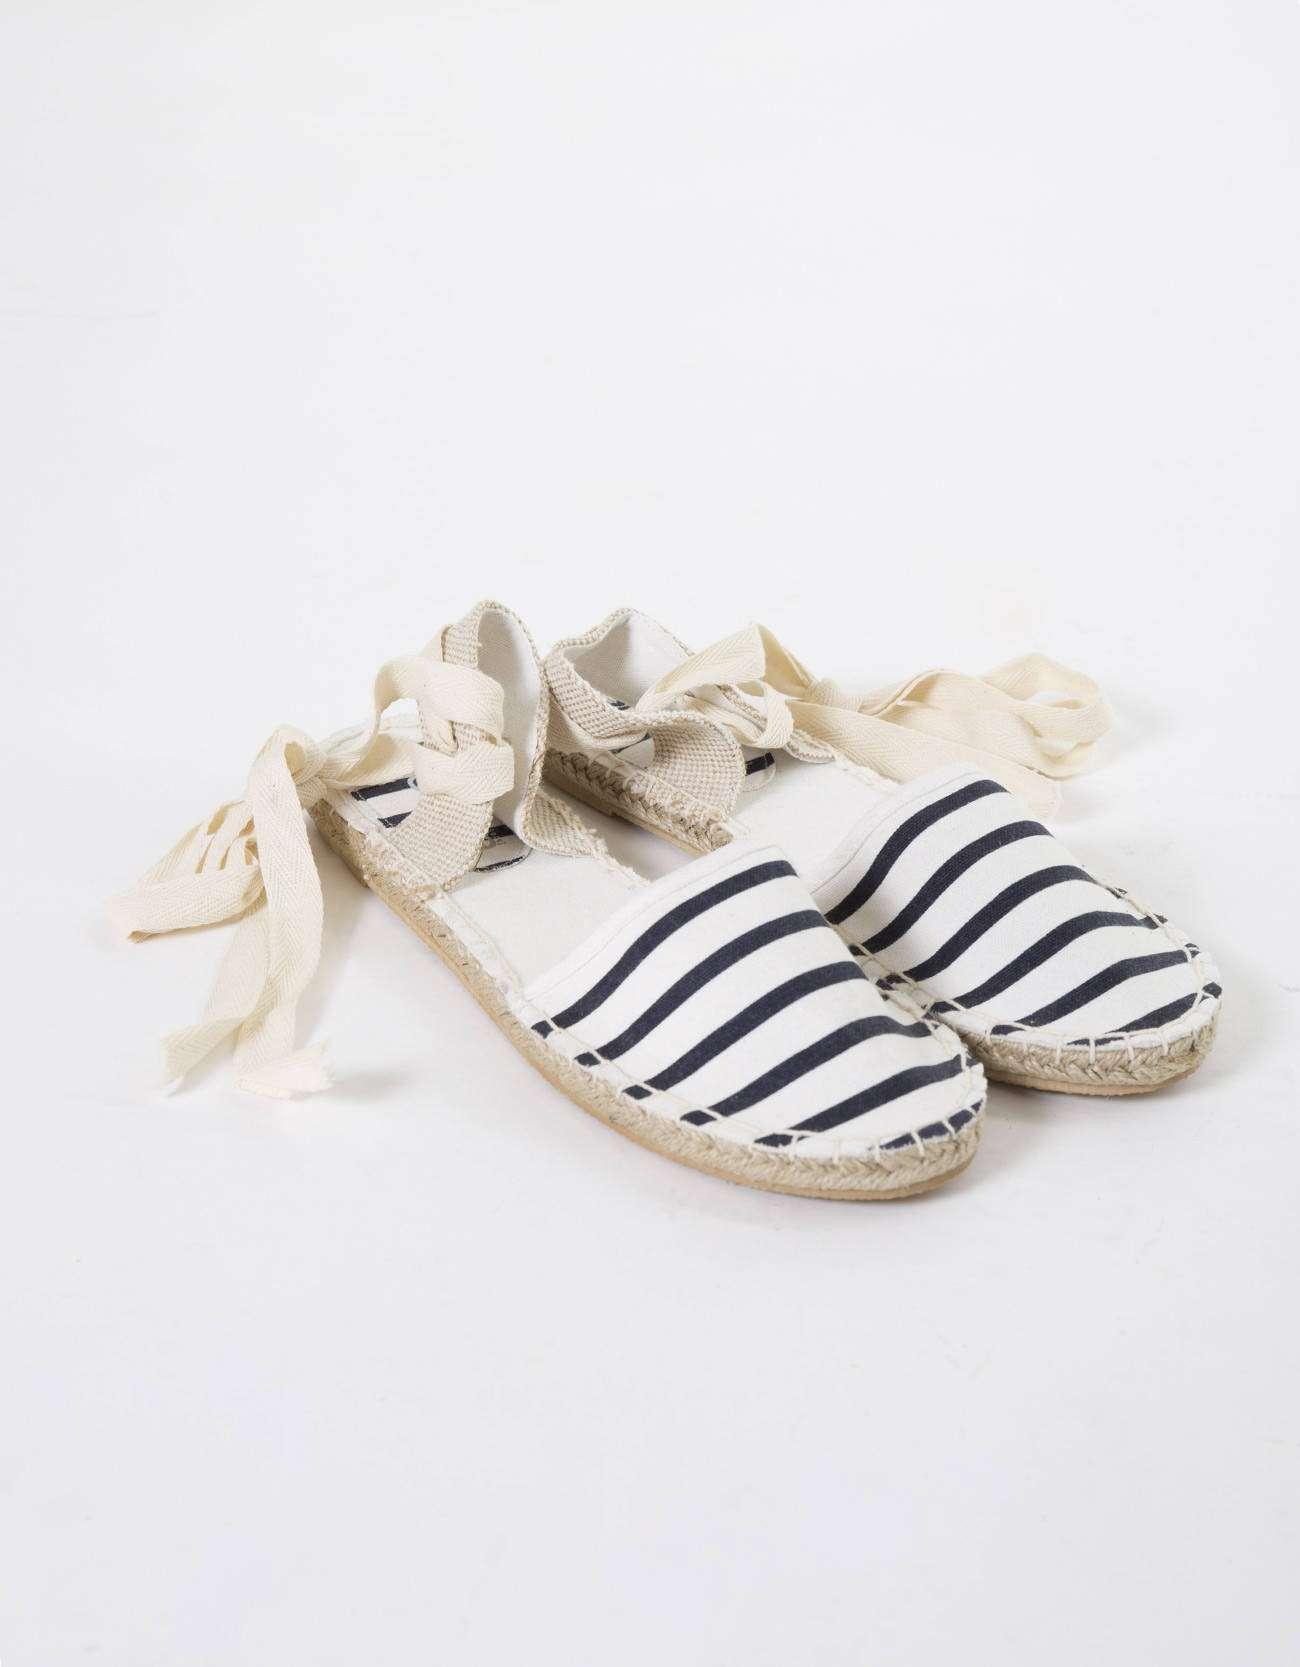 sandalias verano shana